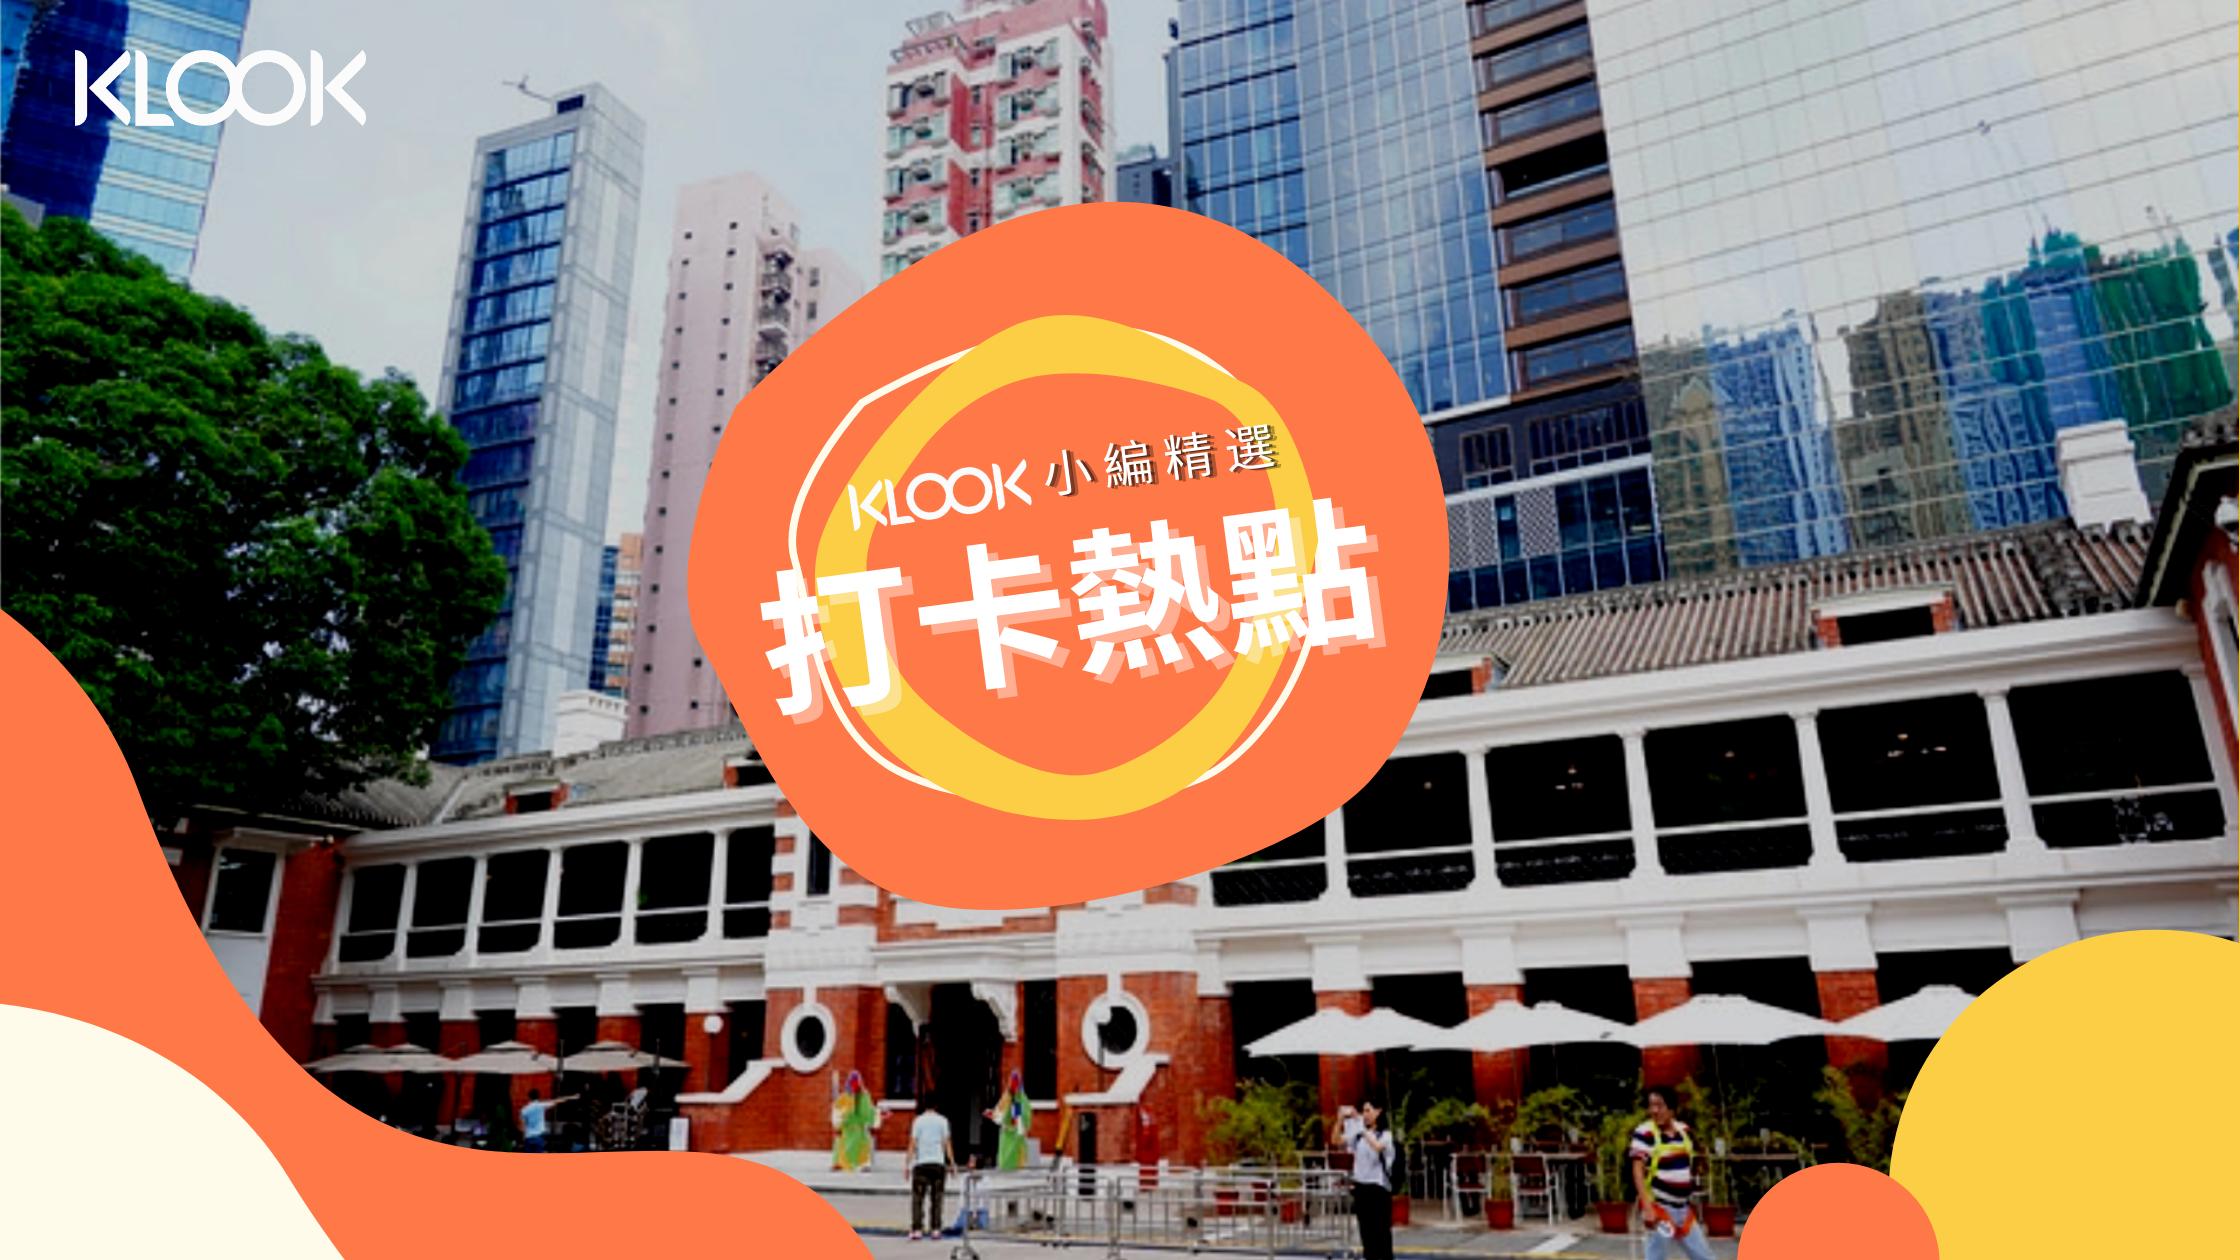 Klook小編精選打卡熱點攻略【更新至2020/07/31】